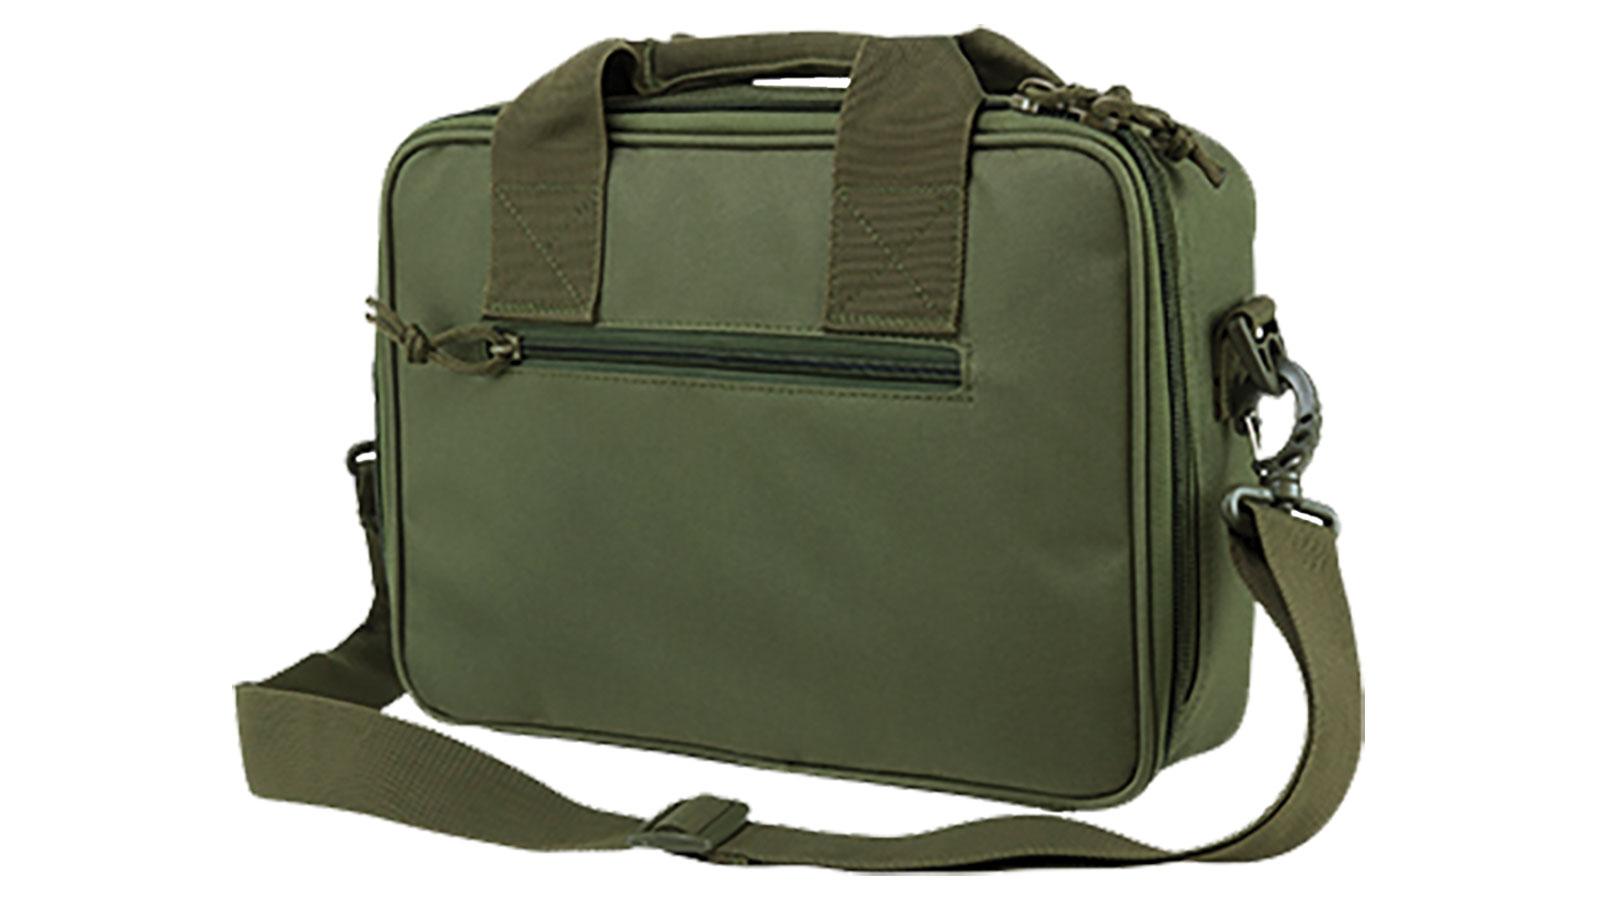 NCStar CPDX2971B Double Pistol Range Bag Pistol Case Black Double Pistol Range Bag